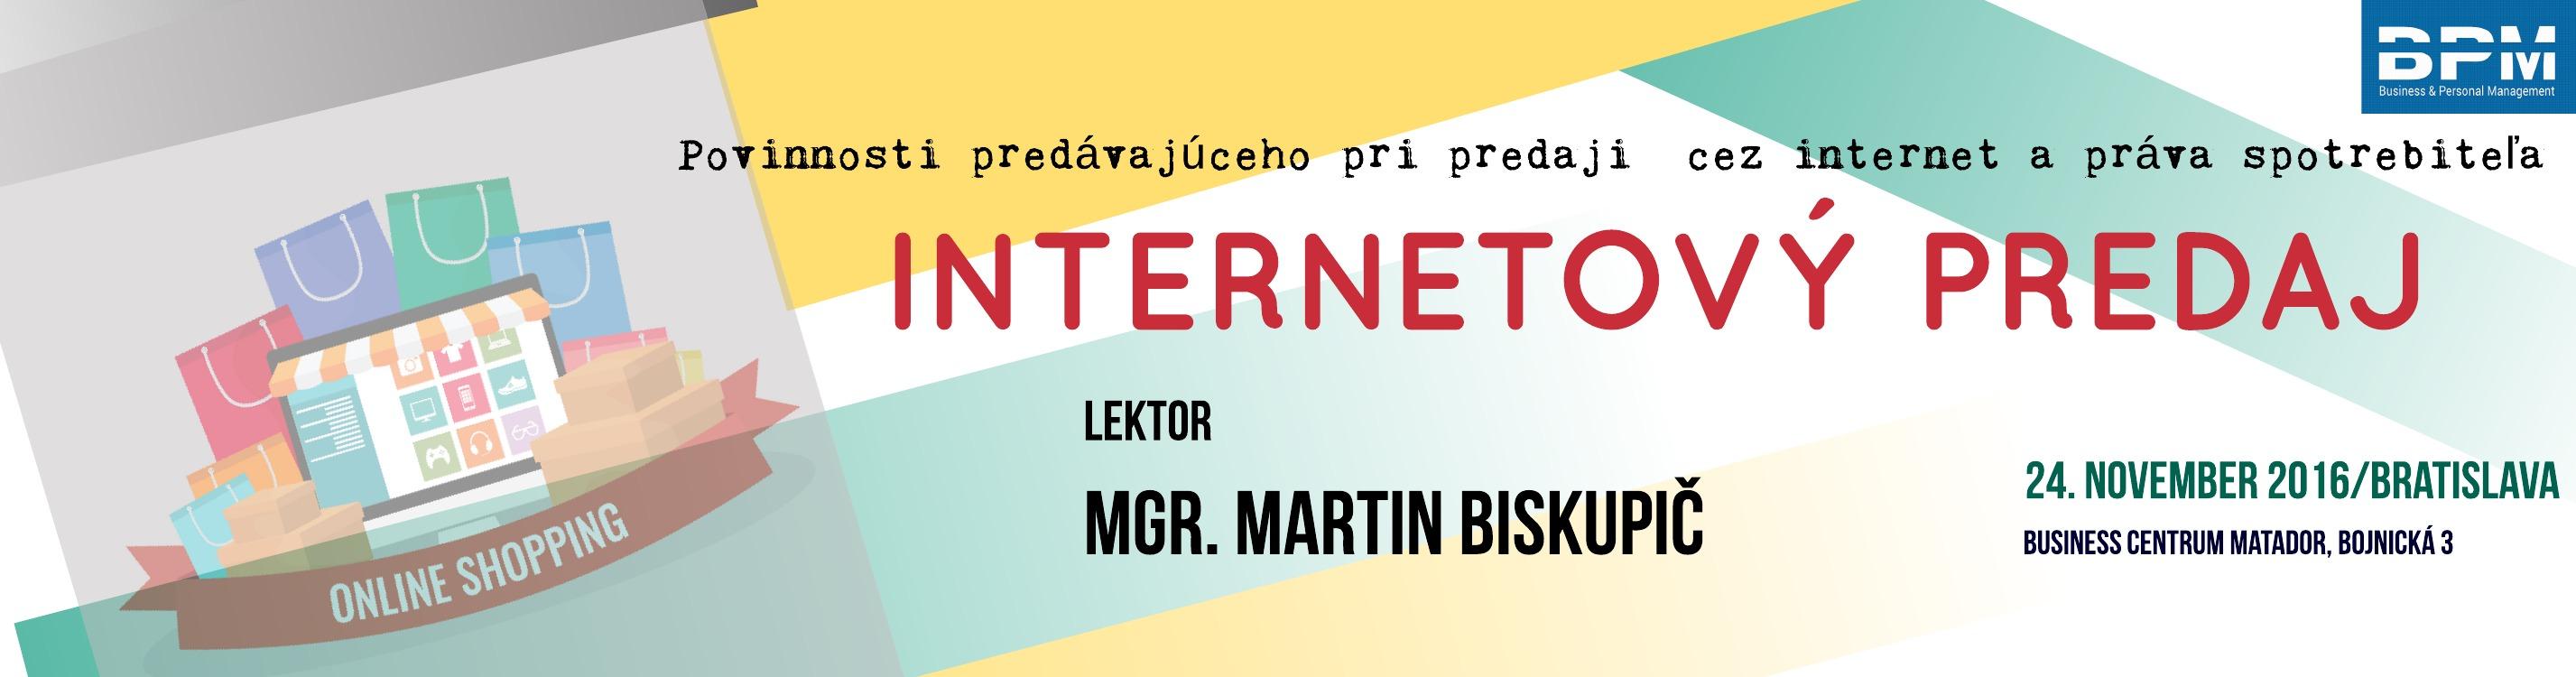 Internetový predaj - povinnosti predávajúceho pri predaji cez internet a  práva spotrebiteľa  d108a2e2b85